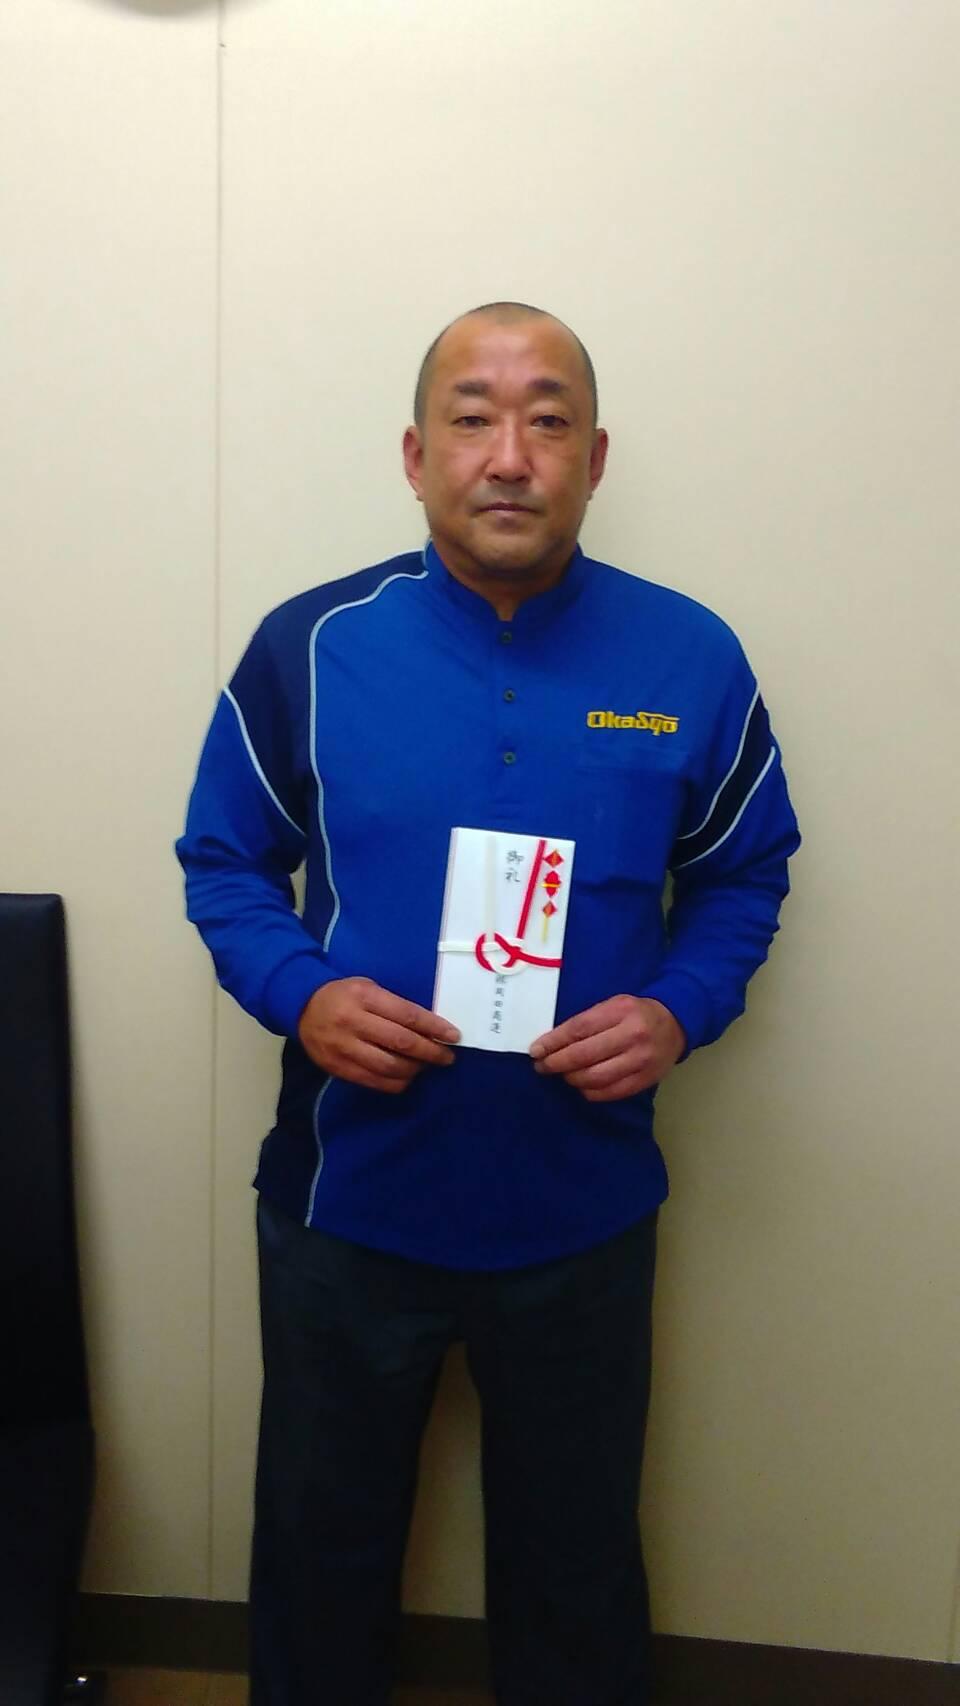 中村仁ドライバーは、 鳥栖営業所の石橋達生ドライバーと穐山敏成ドライバーを紹介しました。